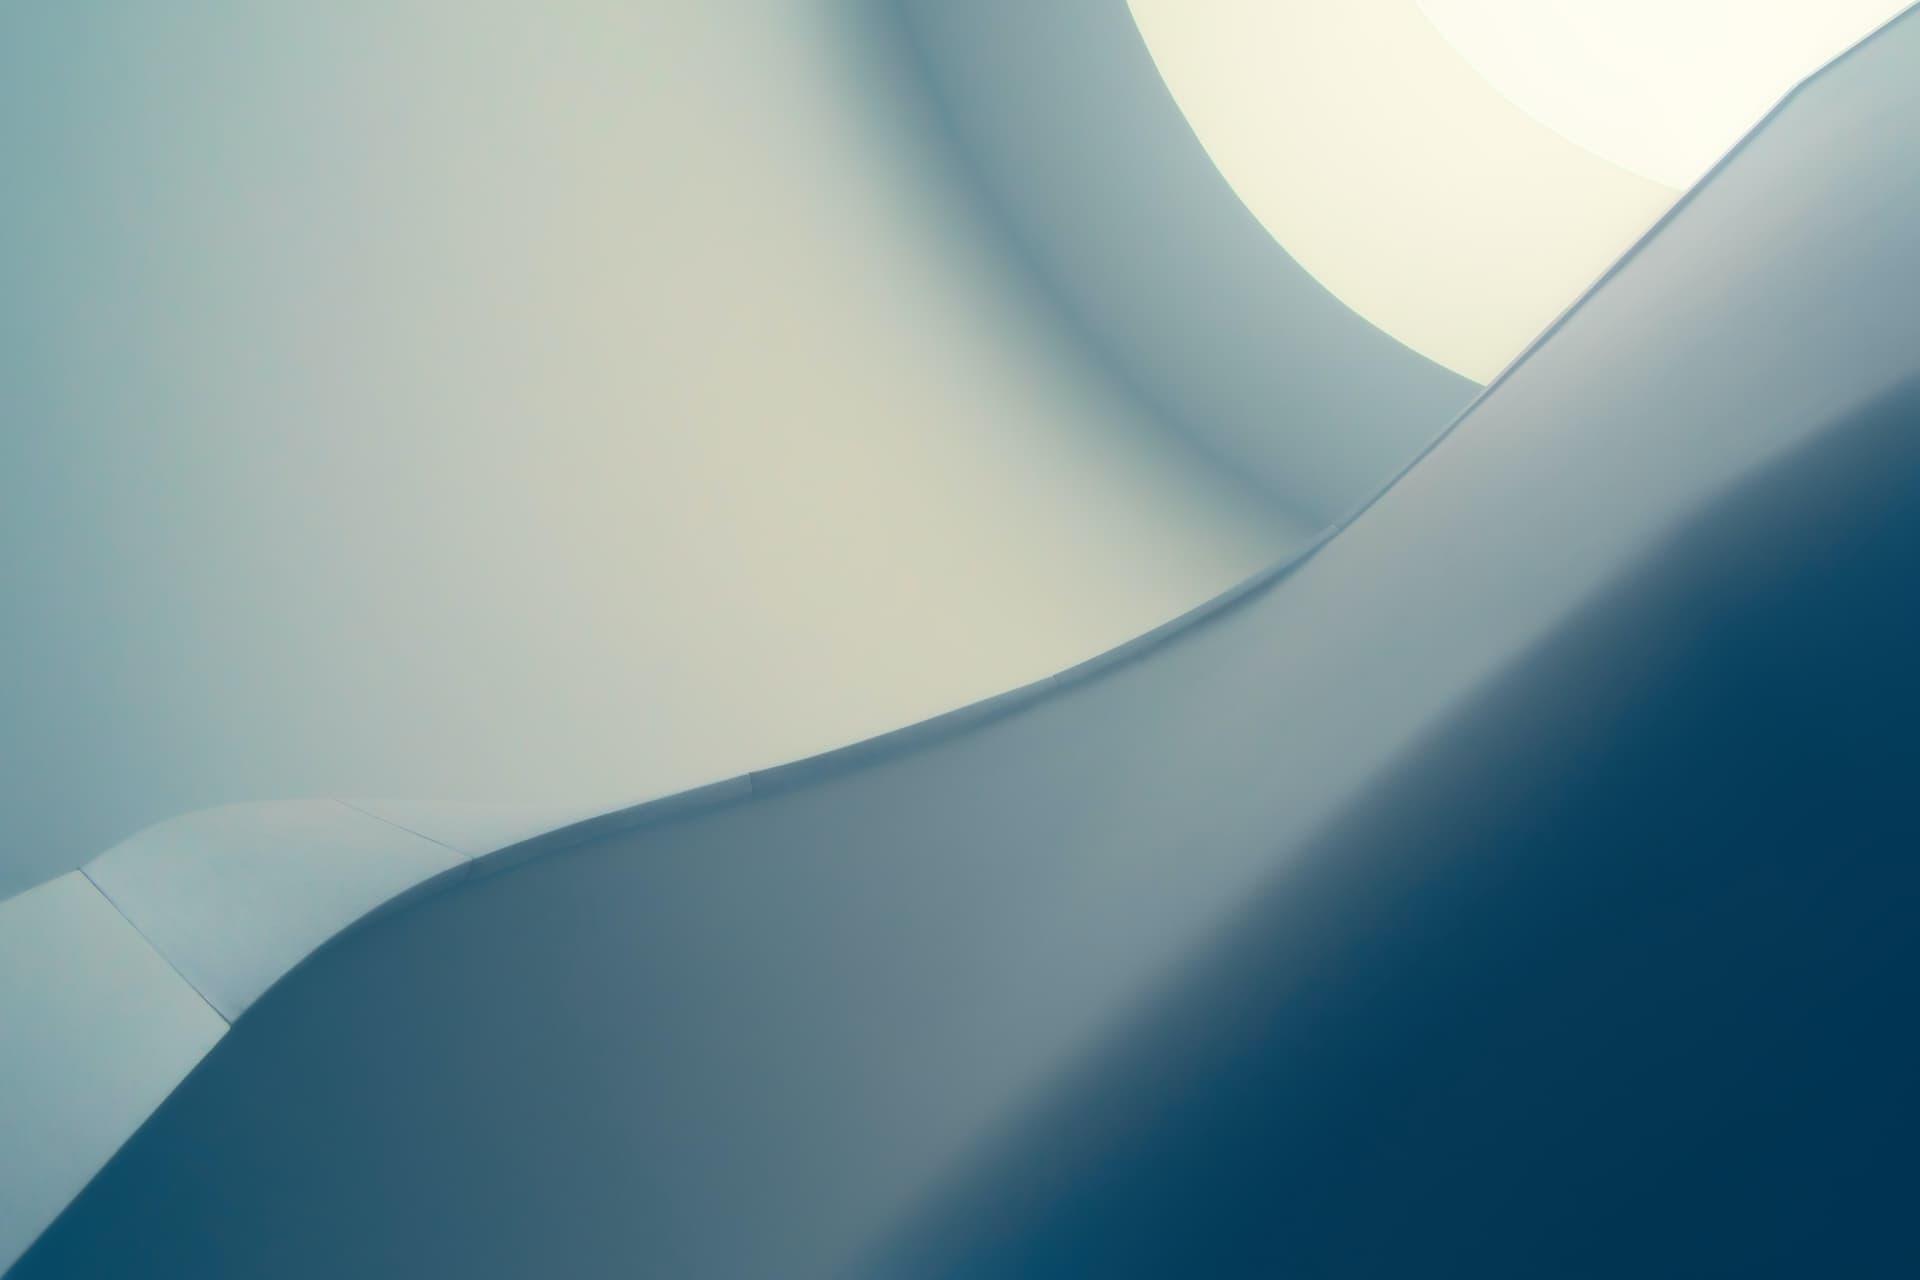 pexels-johannes-plenio-1103970